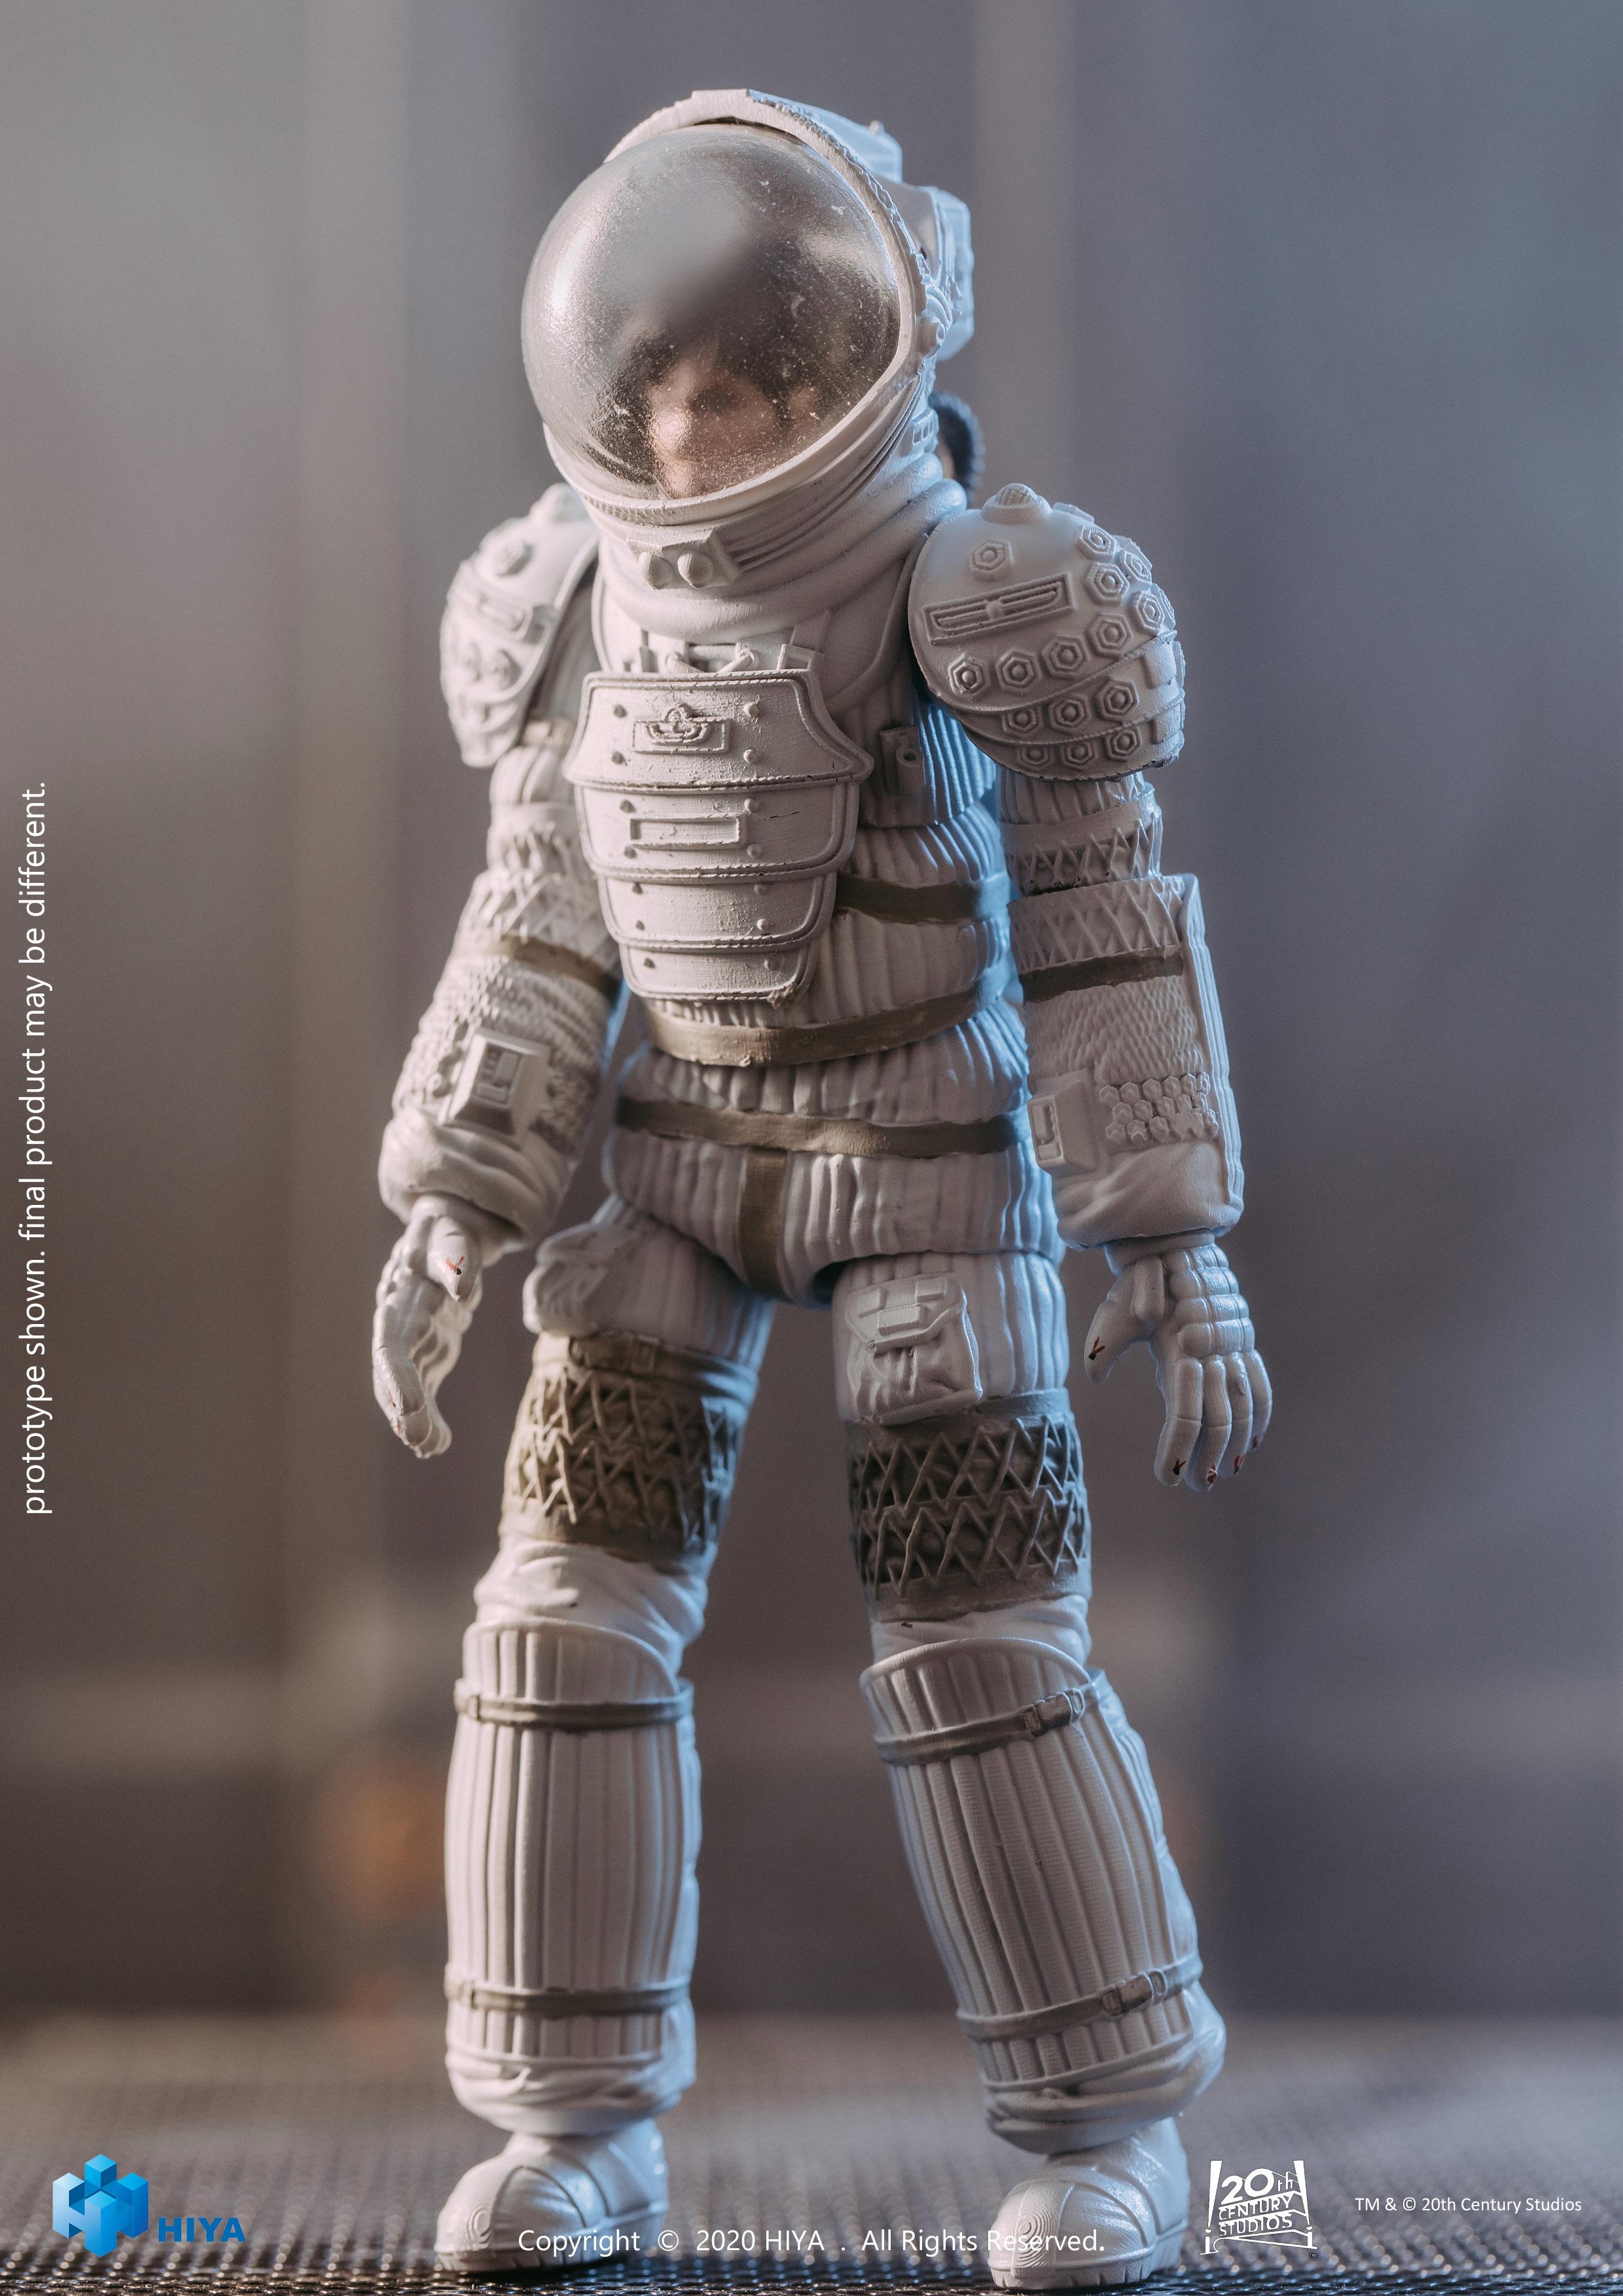 02-Ripley-in-suit.jpg